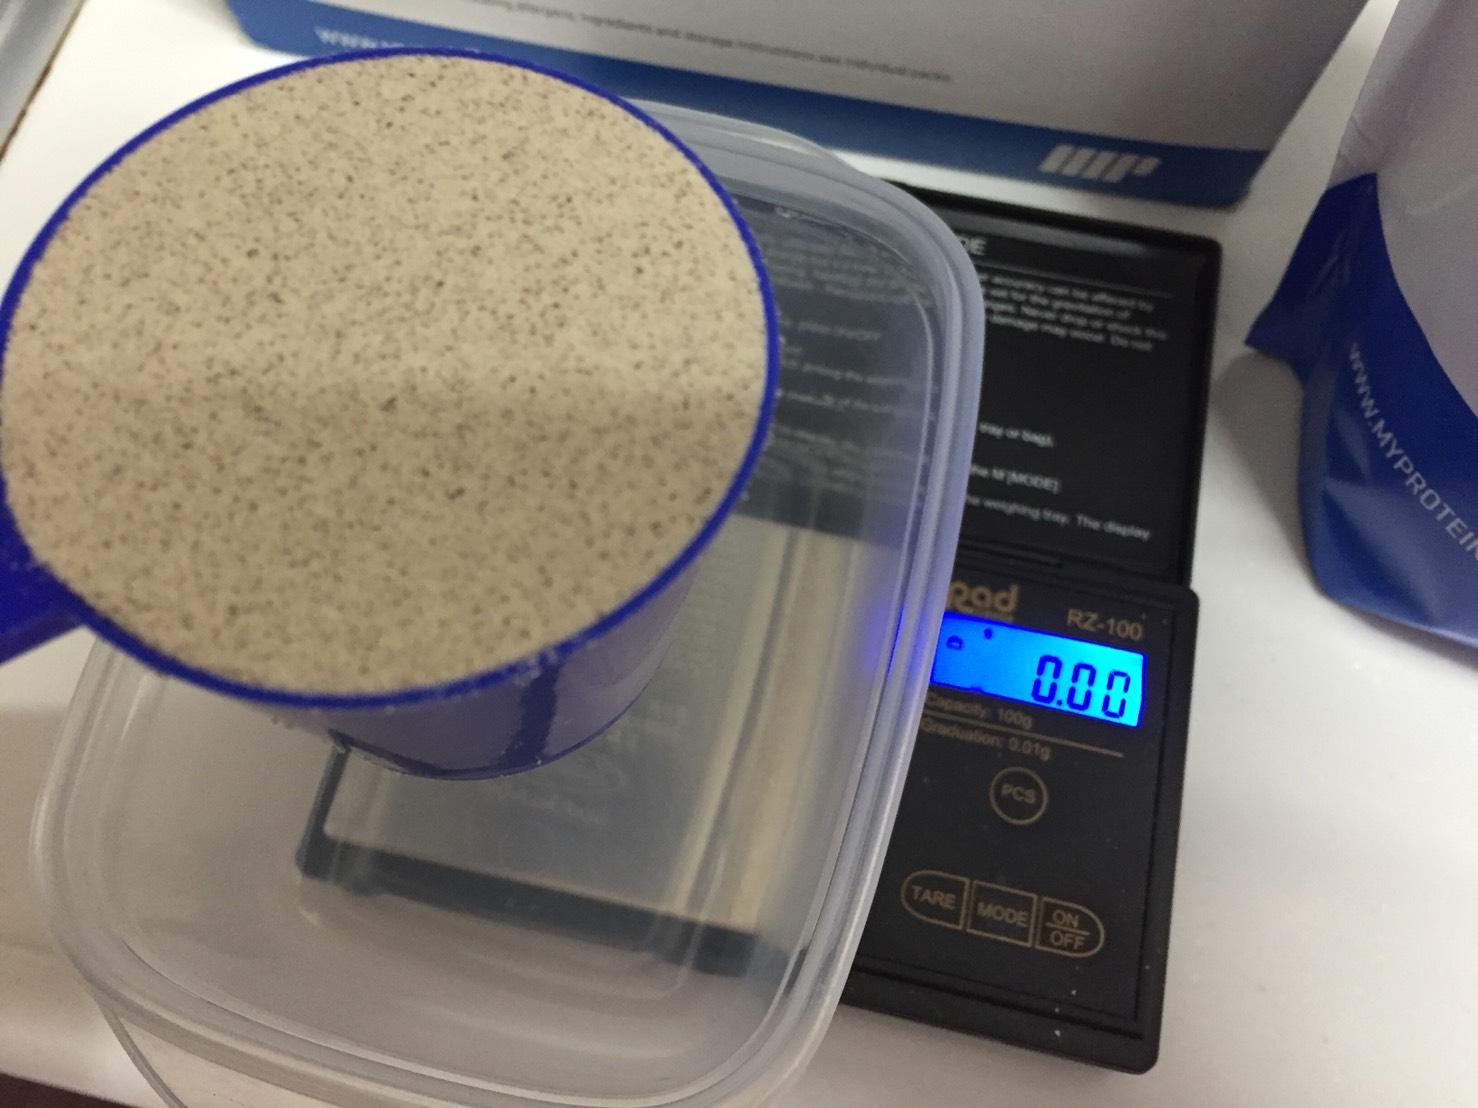 Impactホエイプロテインのスプーン摺り切り一杯のグラム数をチェックします。